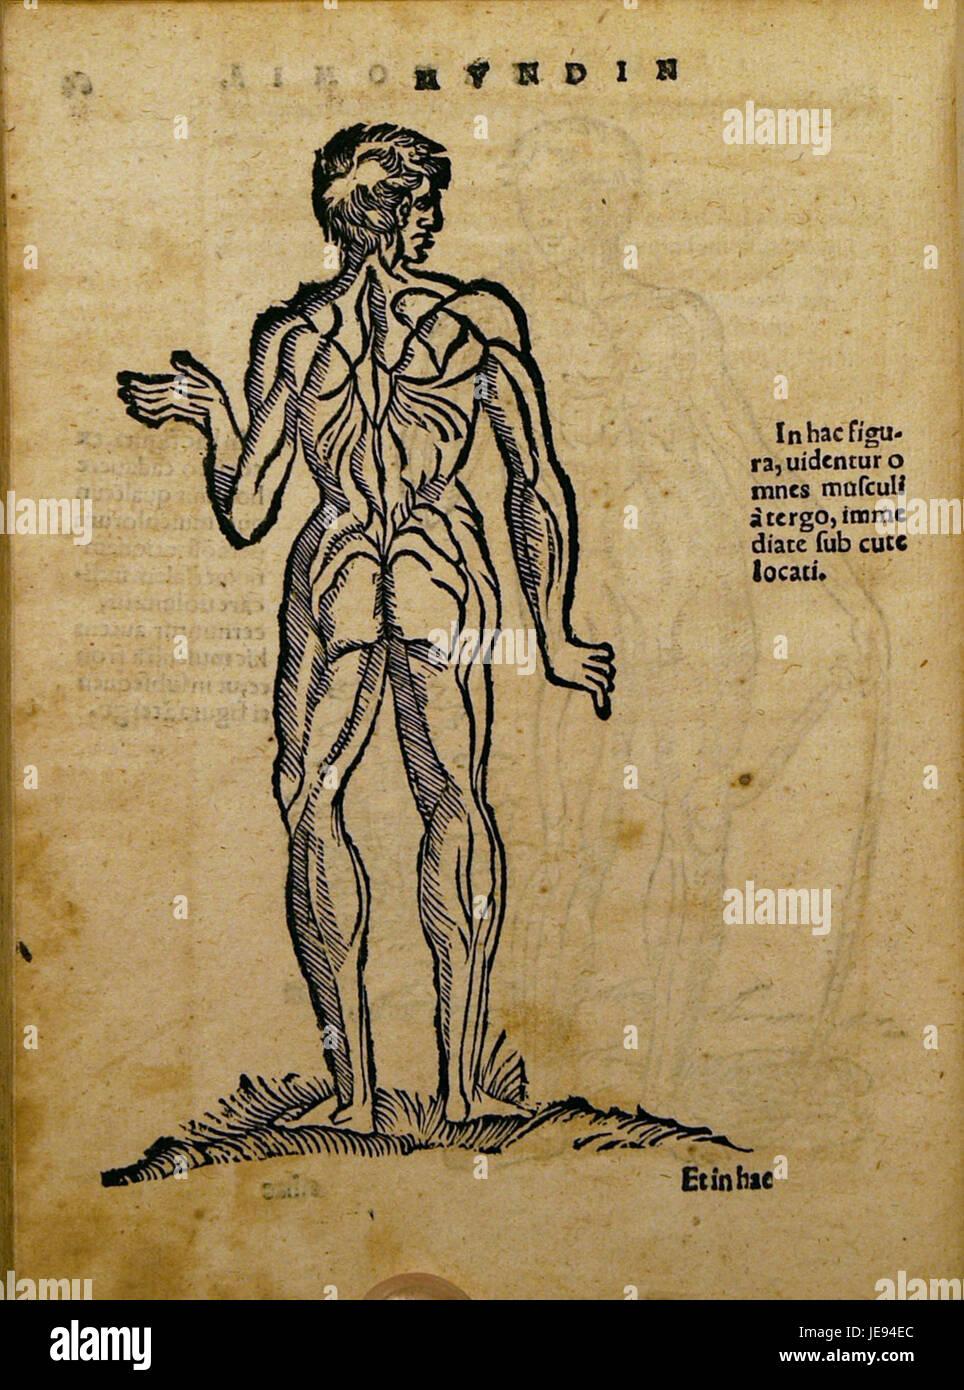 Dryander Anatomia Mundini 128 Immagini Stock